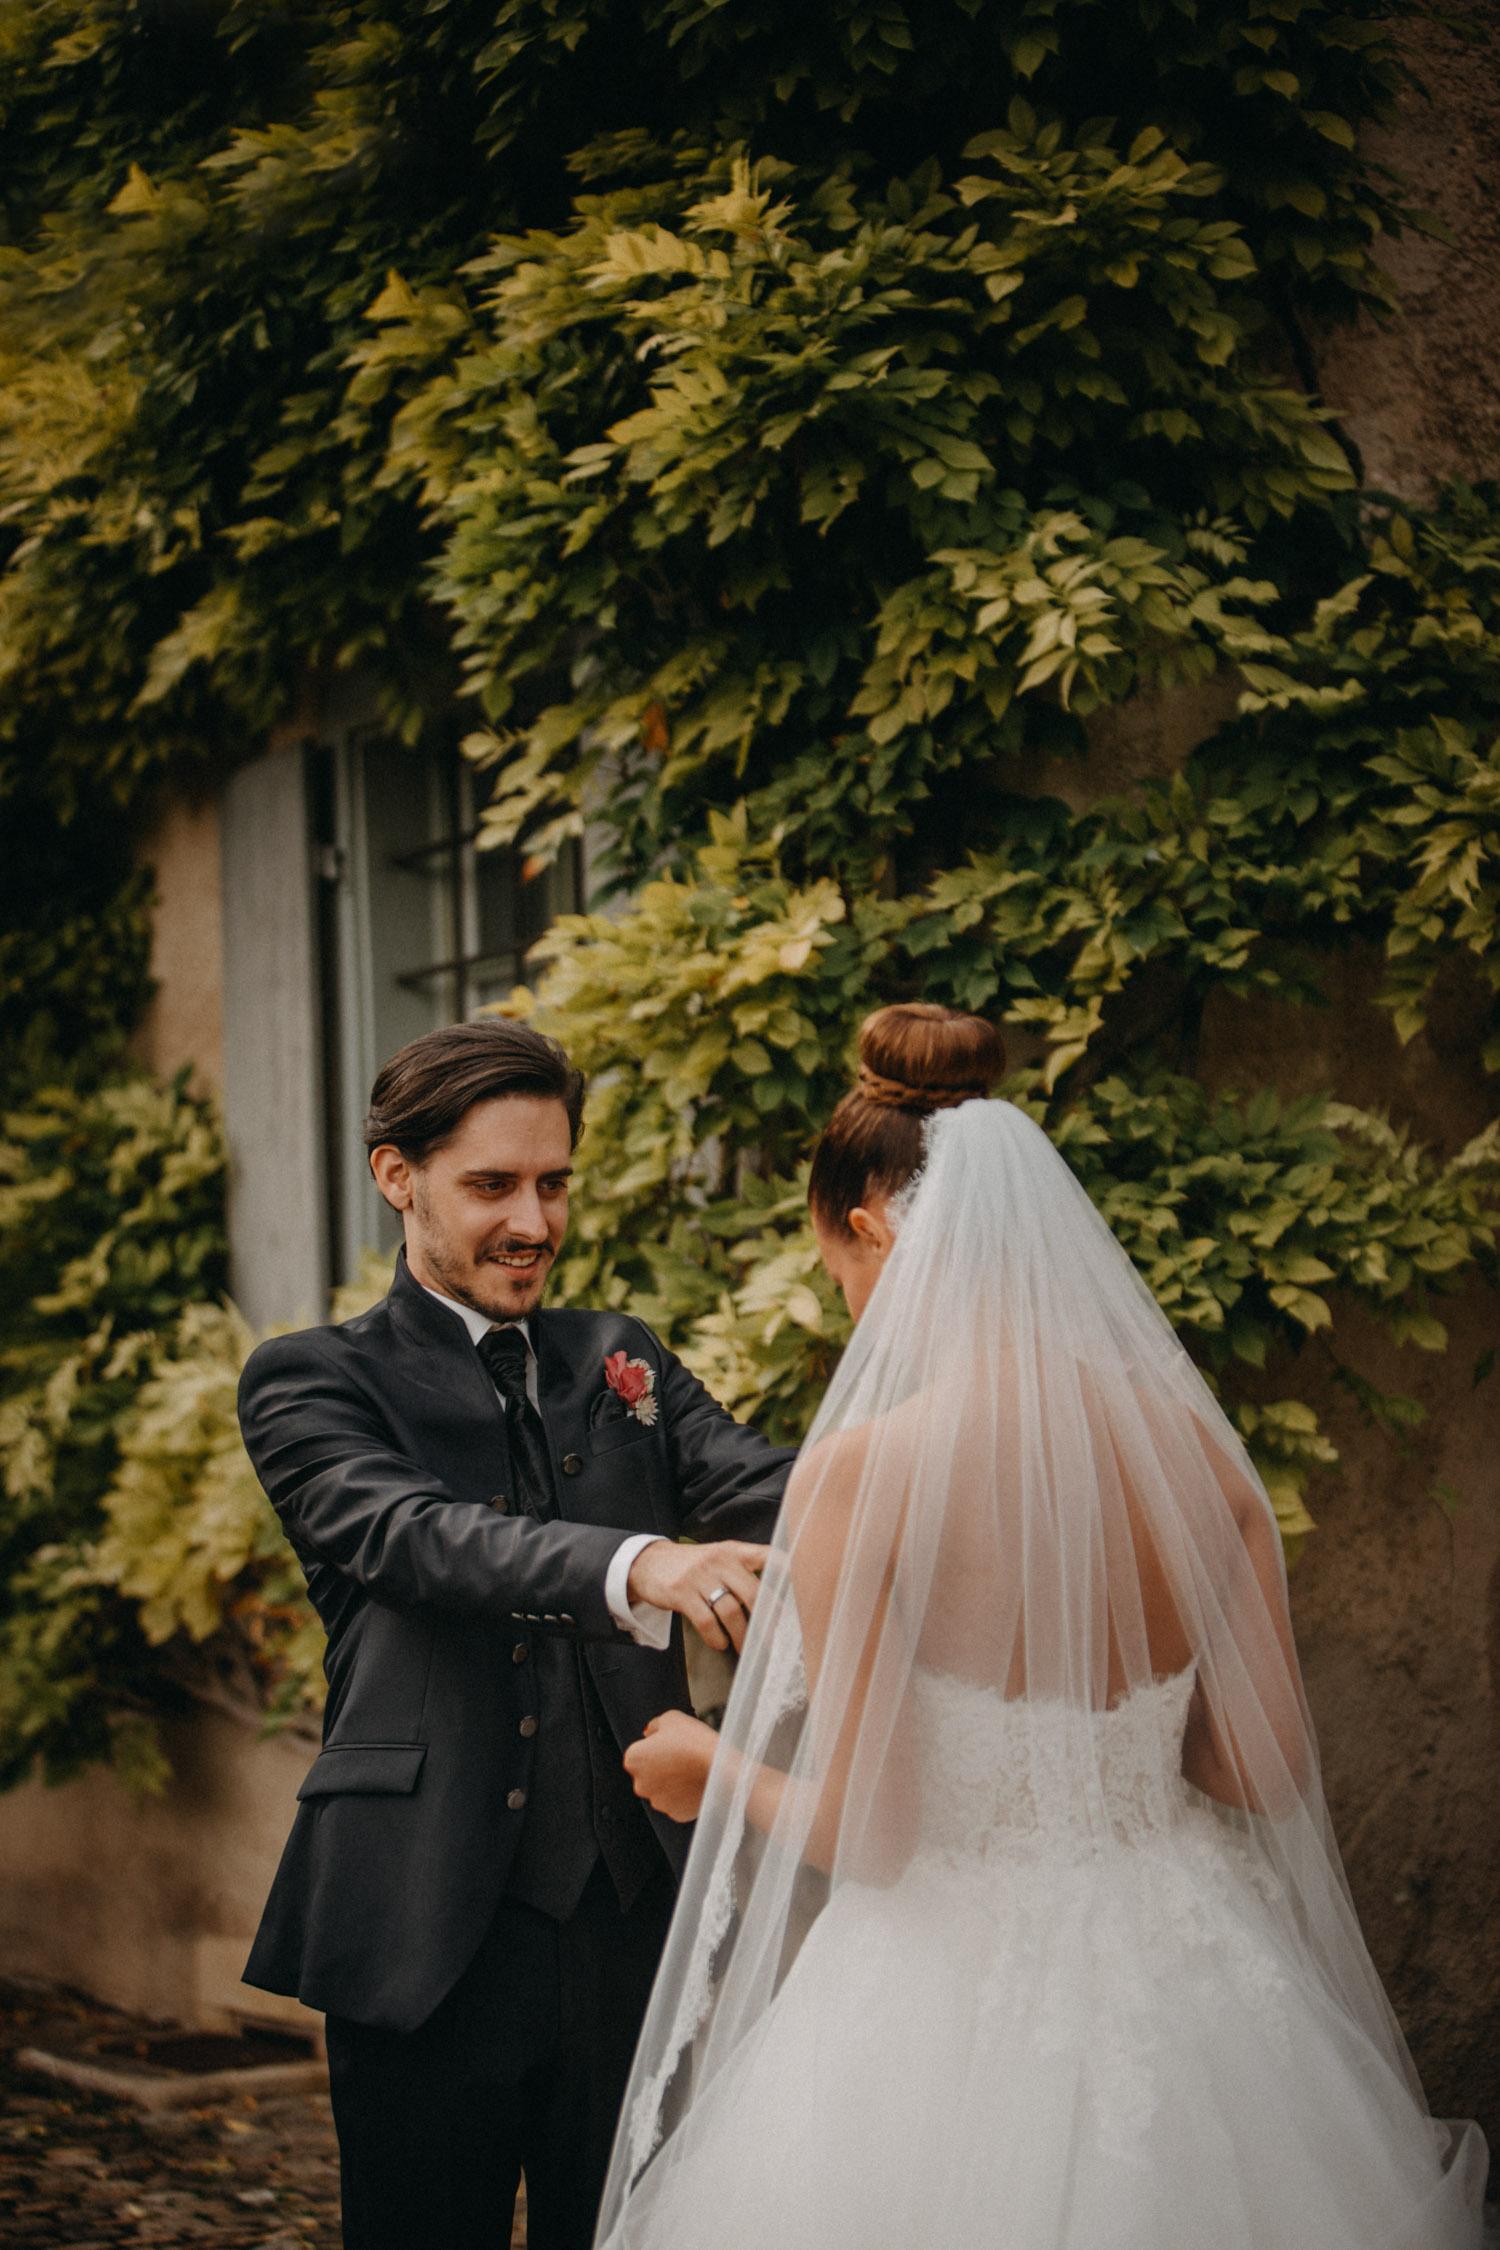 Hochzeitsfotografie Basel Schweiz First Look Braut Bräutigam Schloss Wildenstein emotional Tränen